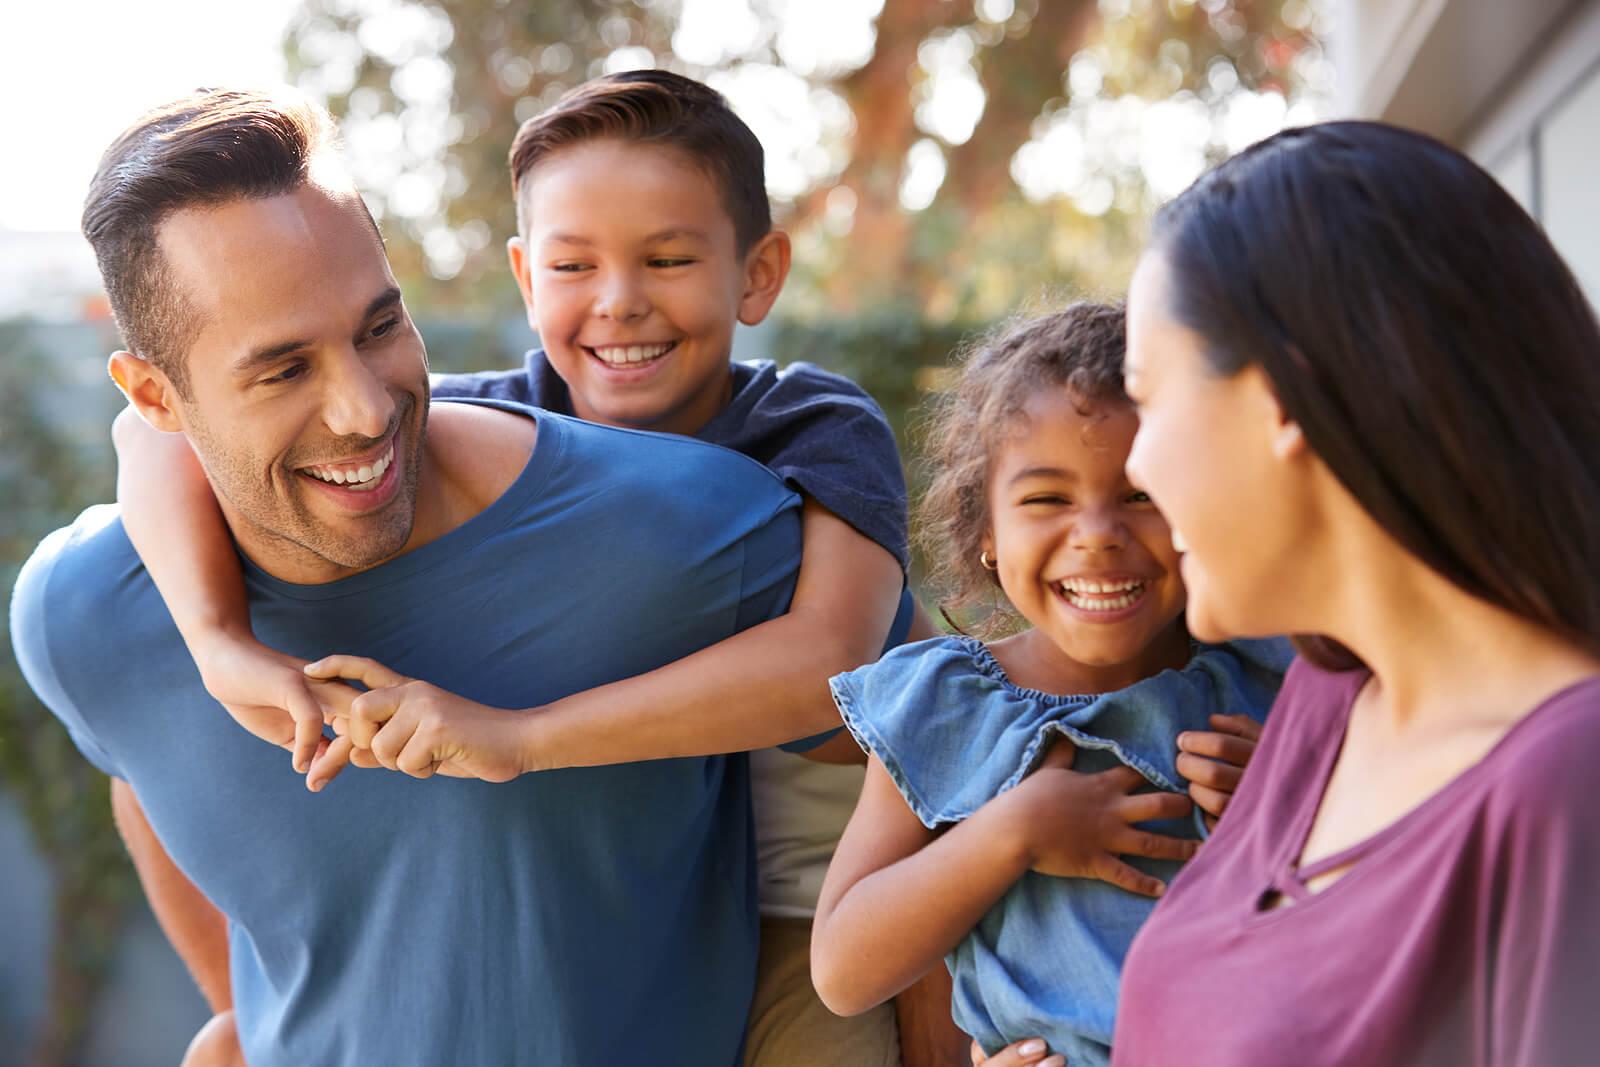 Padres pasando el rato en familia con sus hijos para enseñarles a resolver problemas.